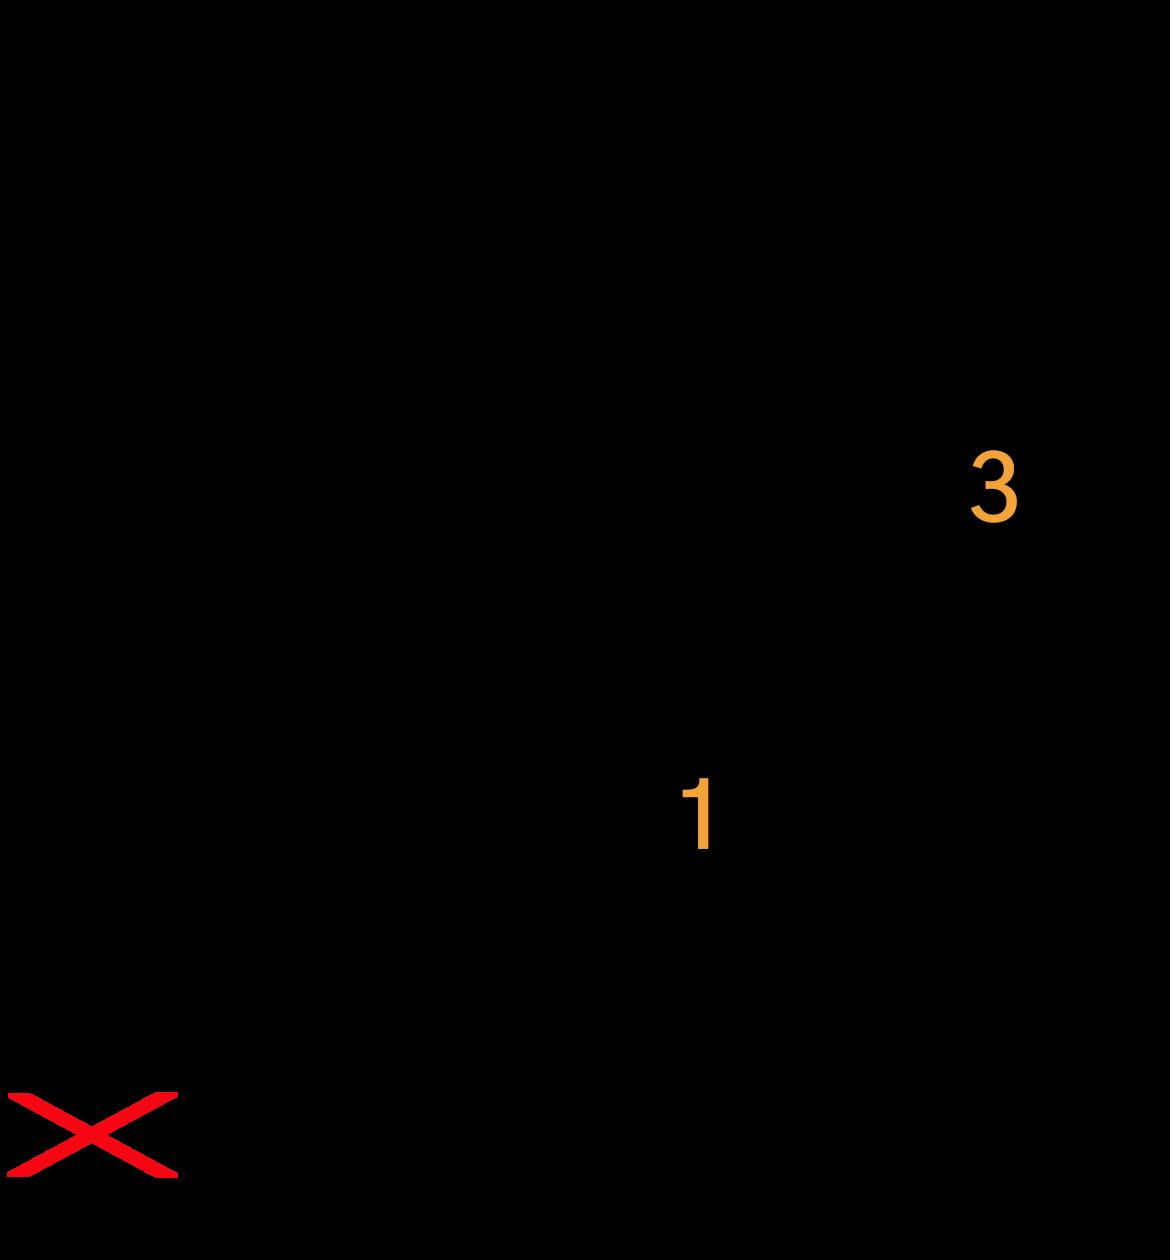 A7sus4 guitar akkord grafik